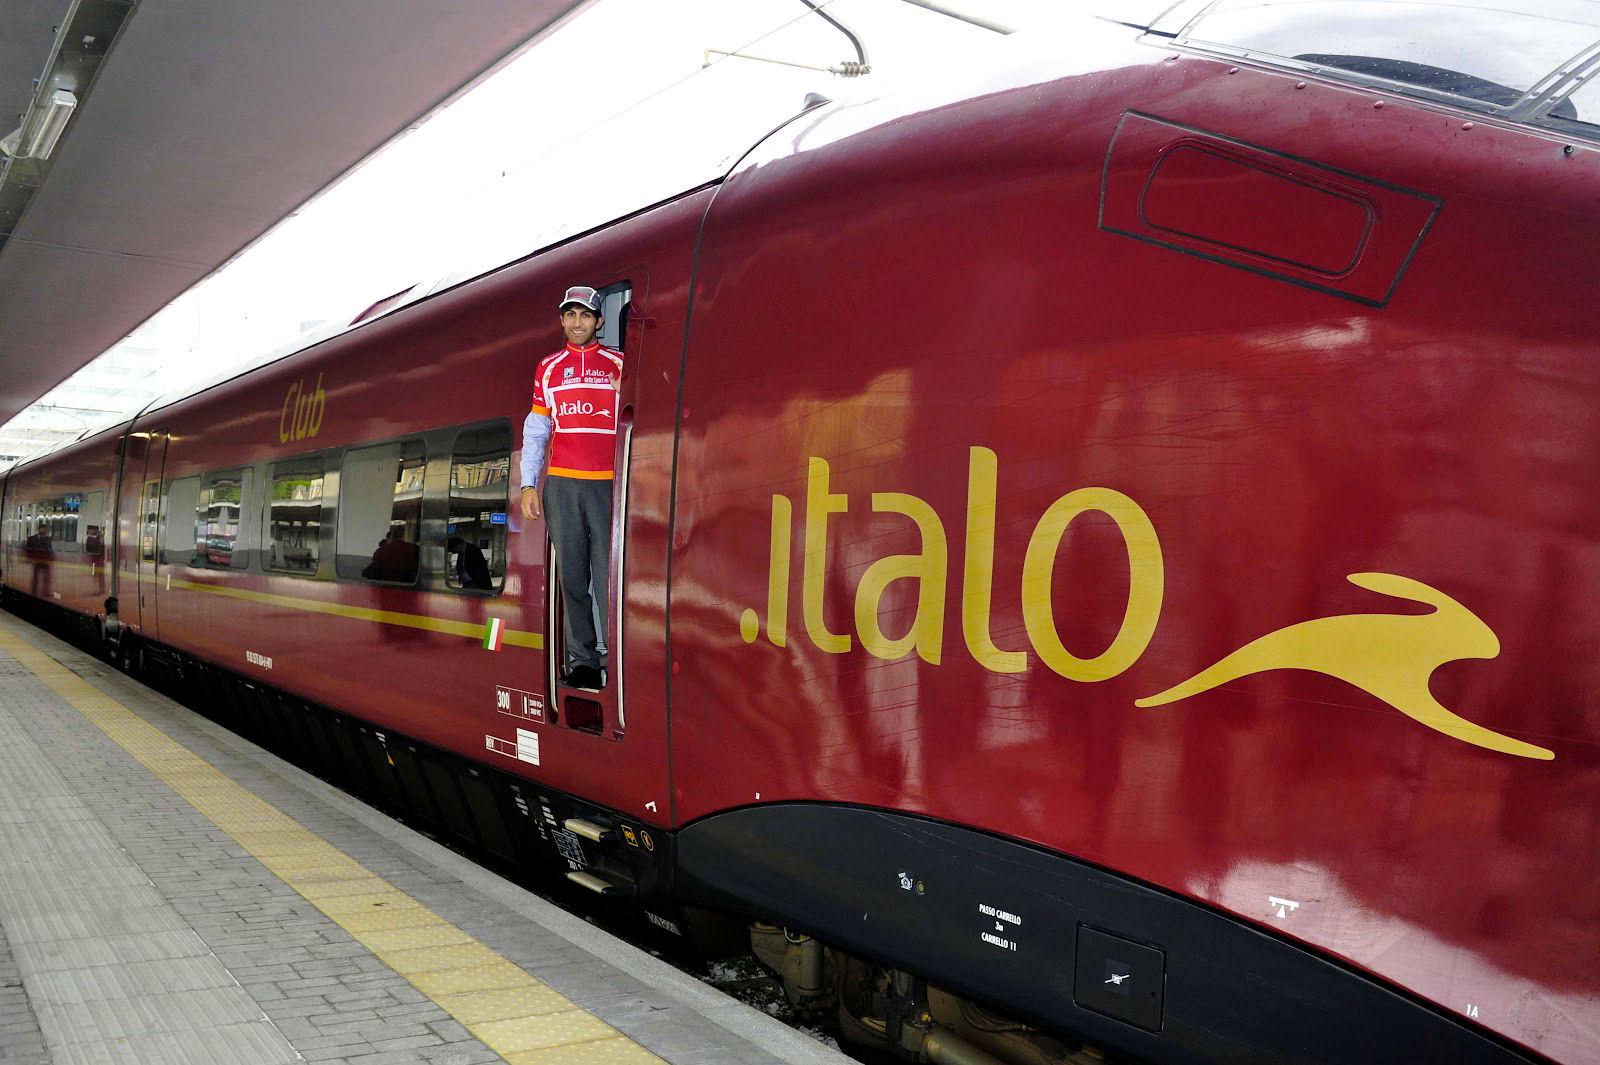 Italo treni alla ricerca di personale: